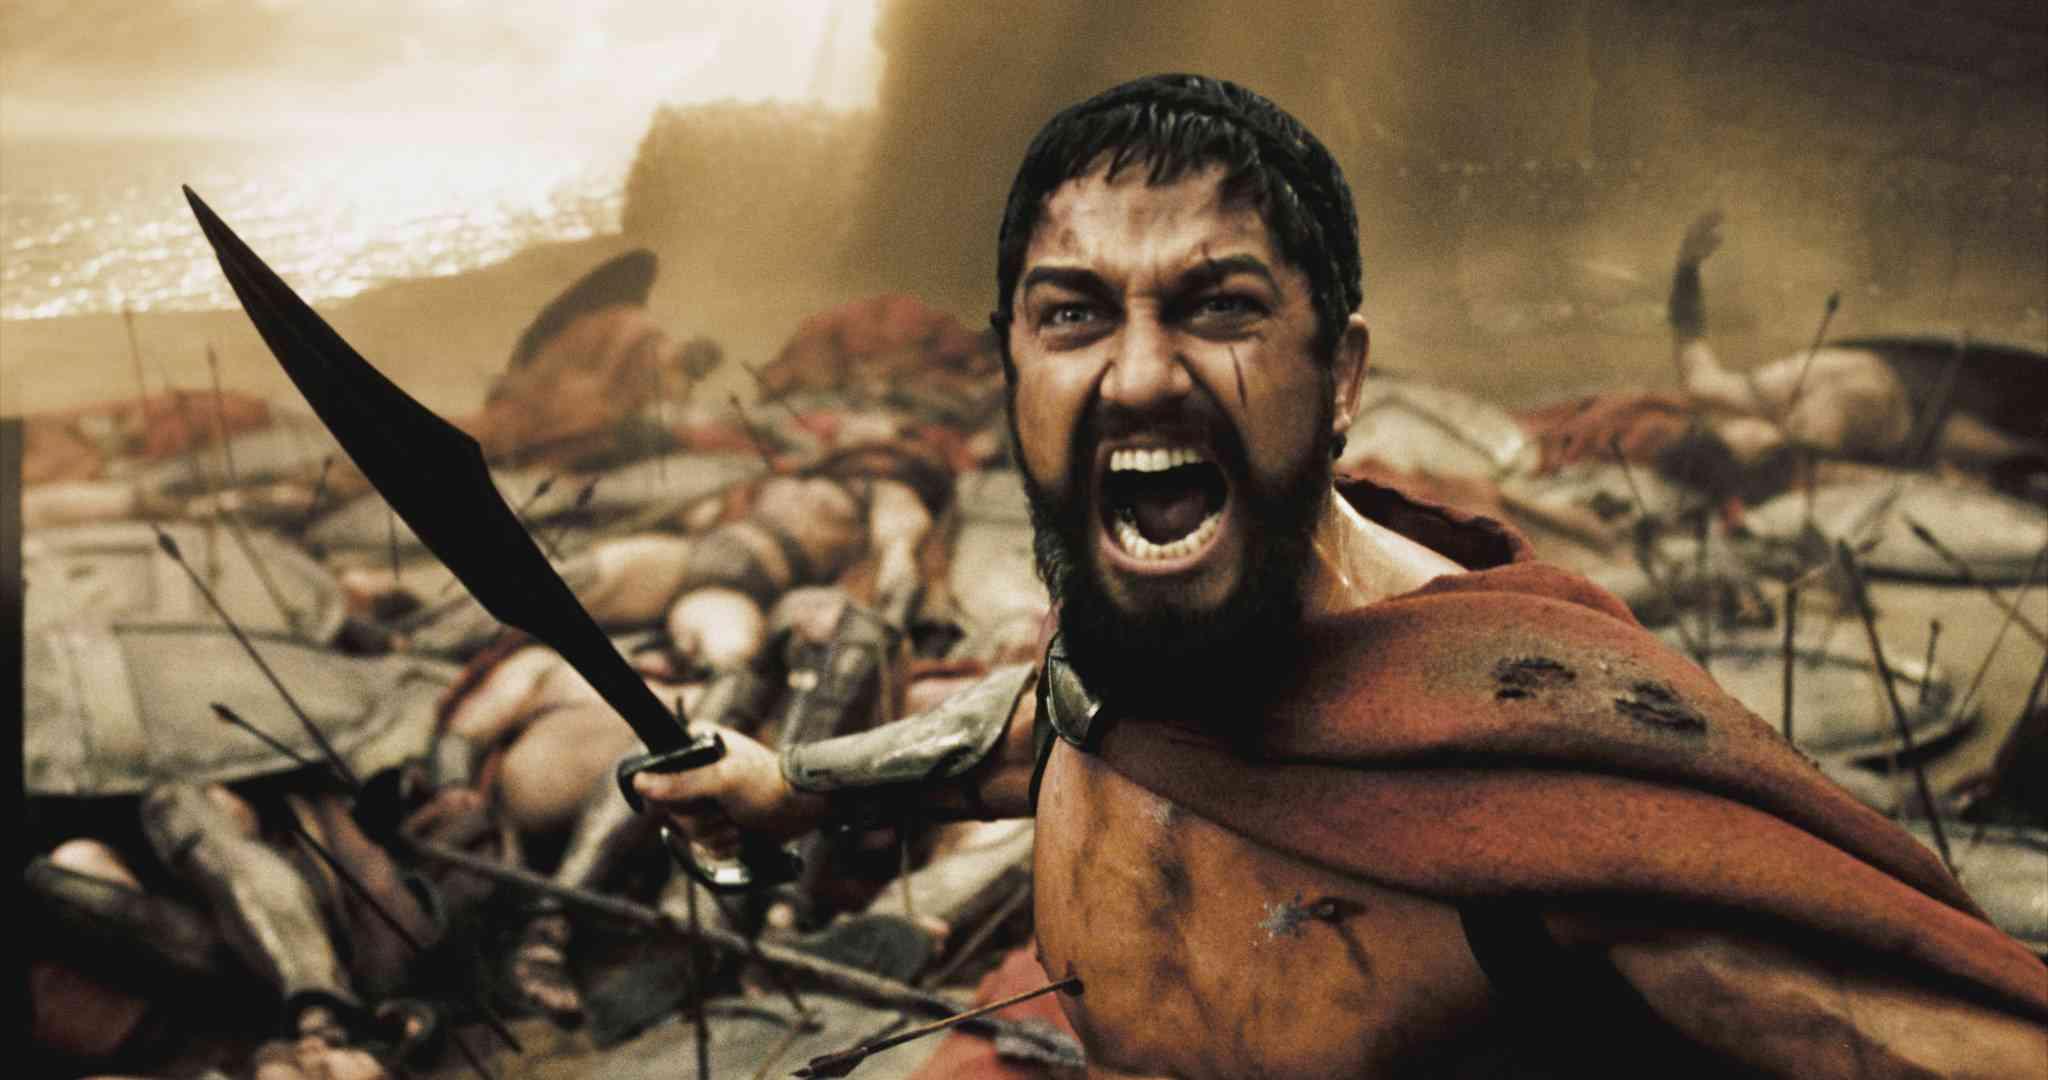 """Zack Snyder przemieni """"300"""" w serię o wielkich konfliktach?"""